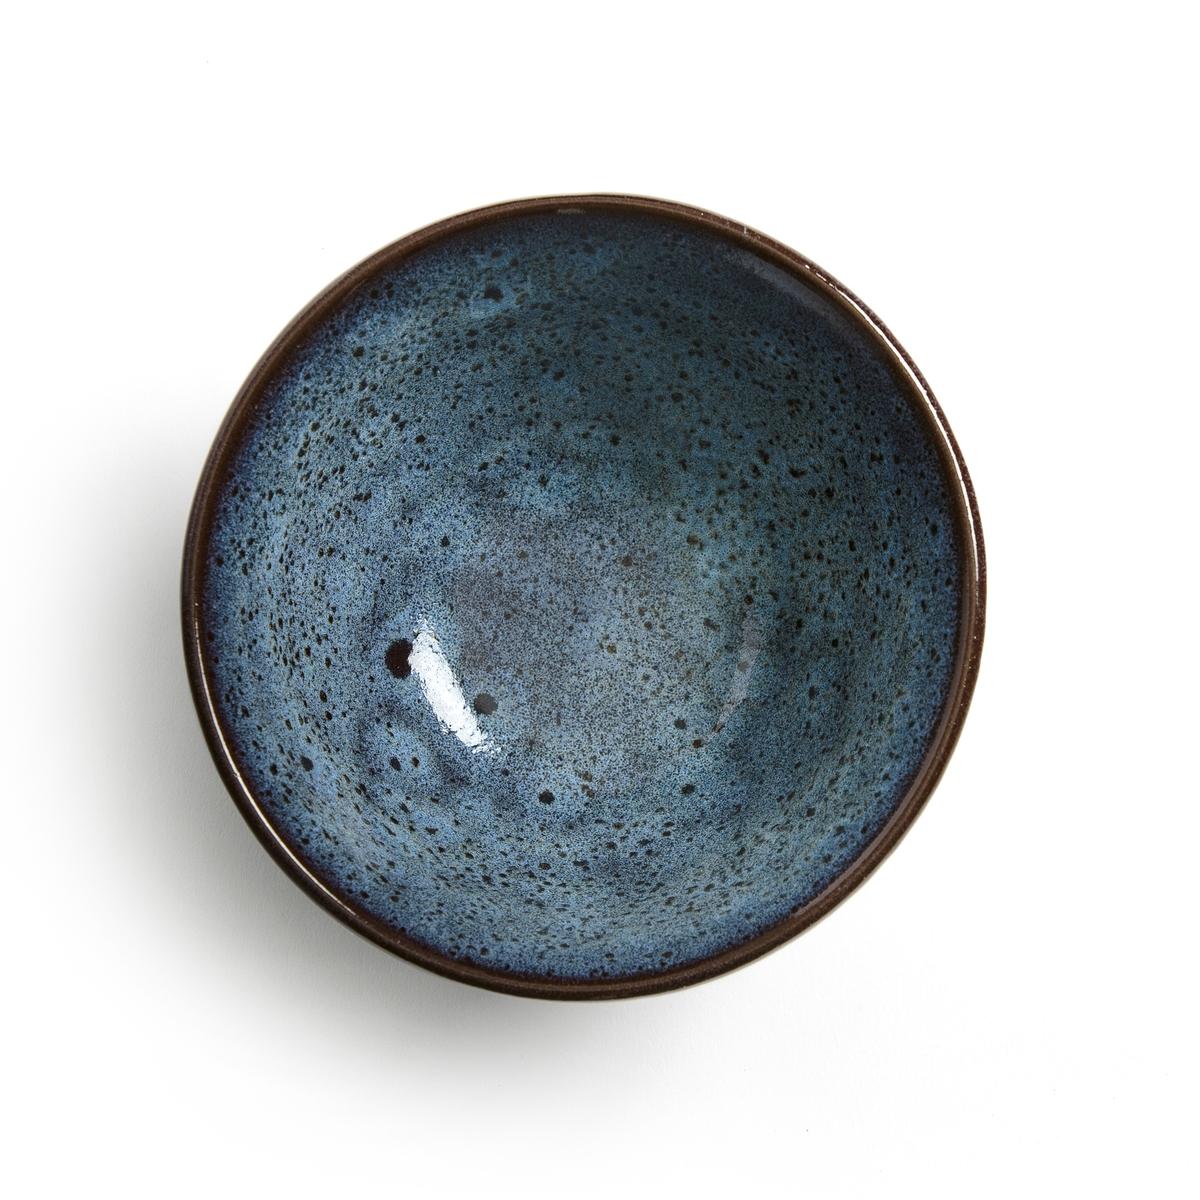 2 чашки чайные из эмалированной керамики, V?sanie2 чашки чайные  V?sanie . Чашки для чая в восточном стиле, которые можно использовать также для подвчи аперитива или десерта . Отделка с отражающим эффектом придает им нотку аутентичности и шарма .Характеристики : - Из эмалированной керамики с отражающим эффектом, рисунок может отличаться от изделия к изделию  - Можно использовать в посудомоечных машинах и микроволновых печах- Продается в черной коробке Размеры :- ?14 x H7,5 см<br><br>Цвет: синий/ каштан<br>Размер: единый размер